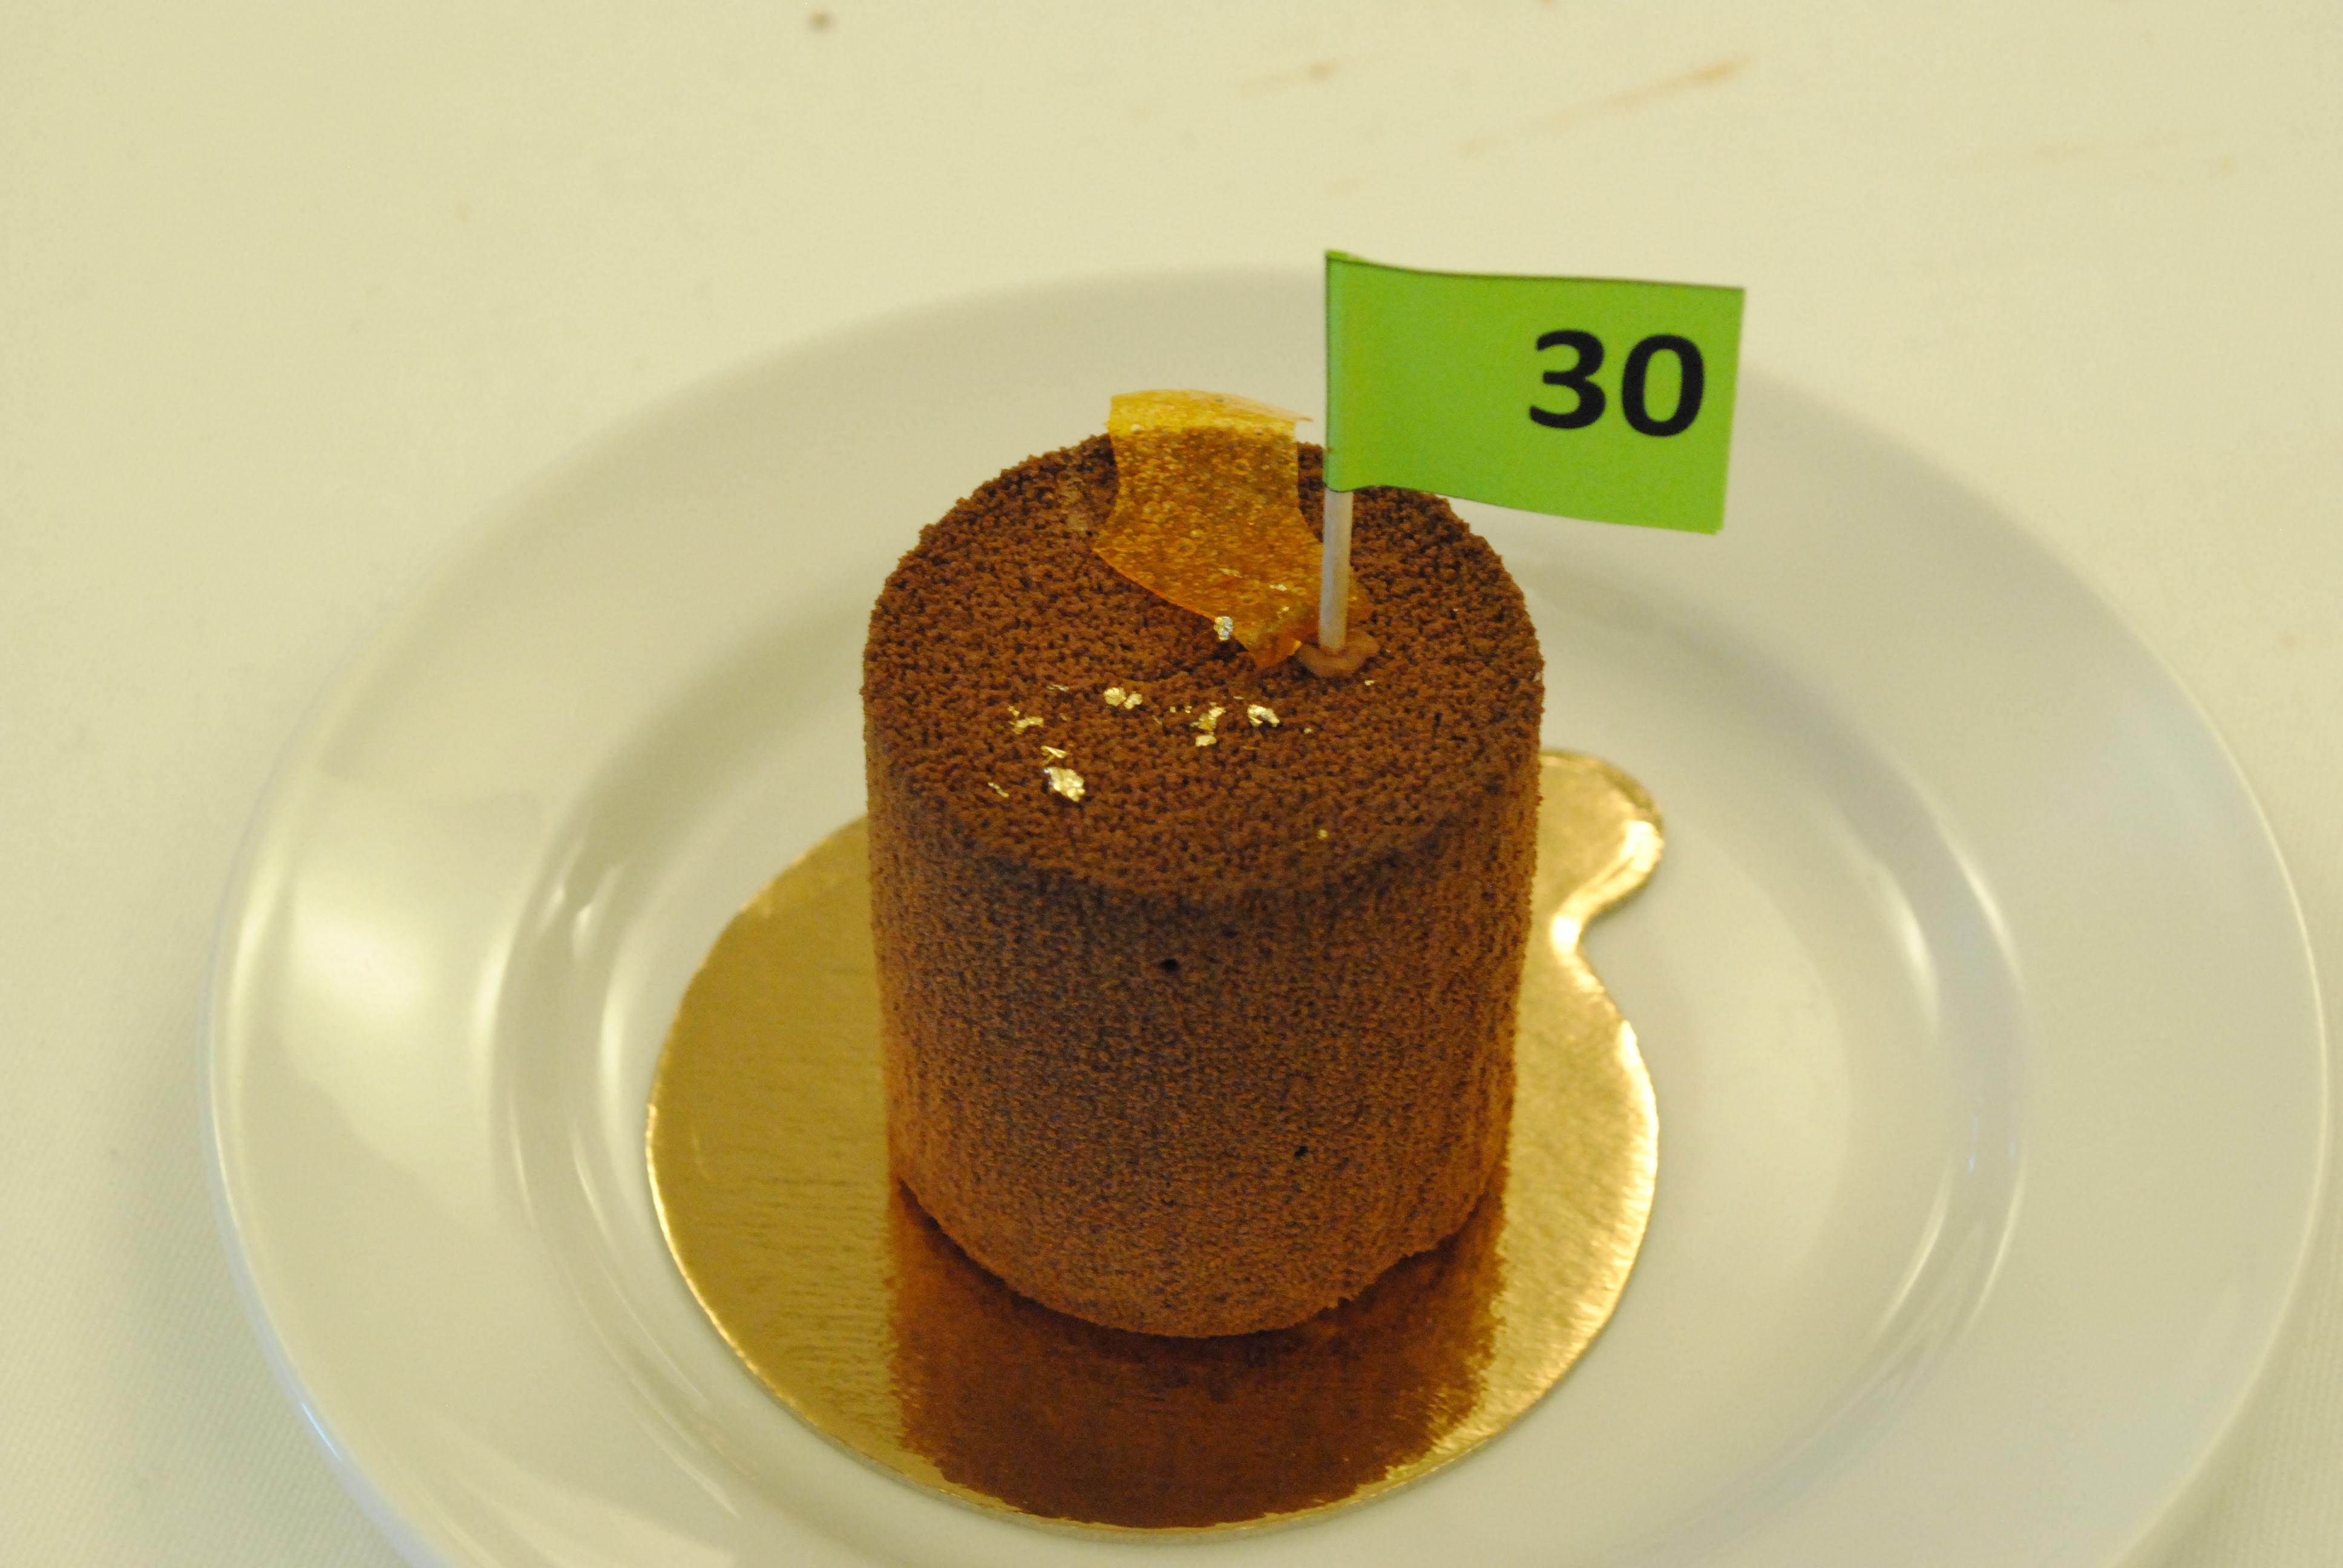 Årets Kage 2011